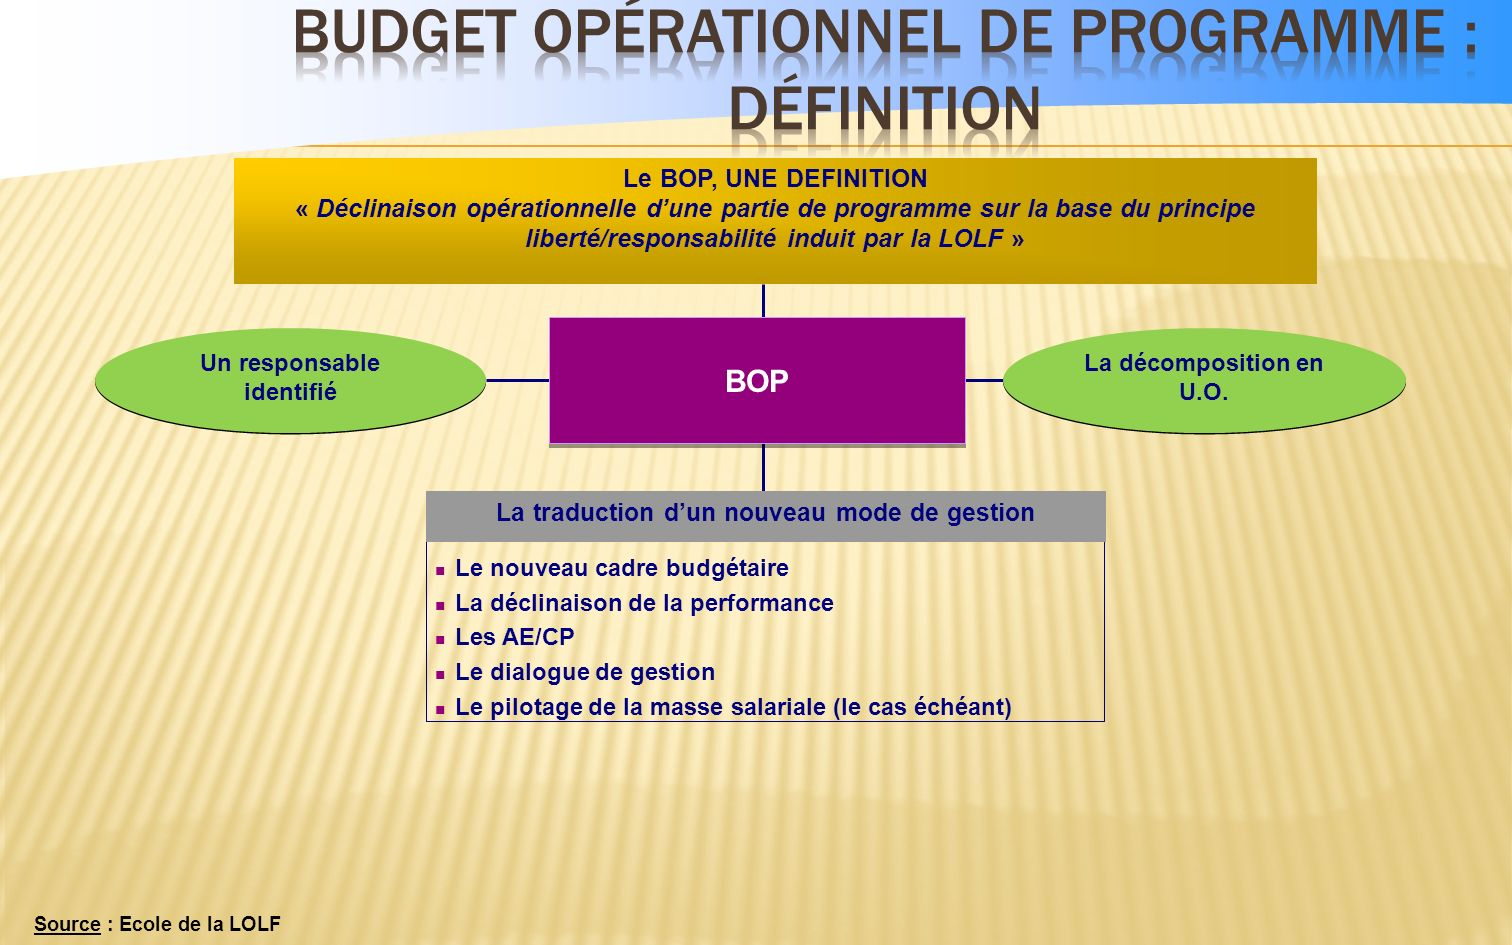 Budget Opérationnel de Programme : définition